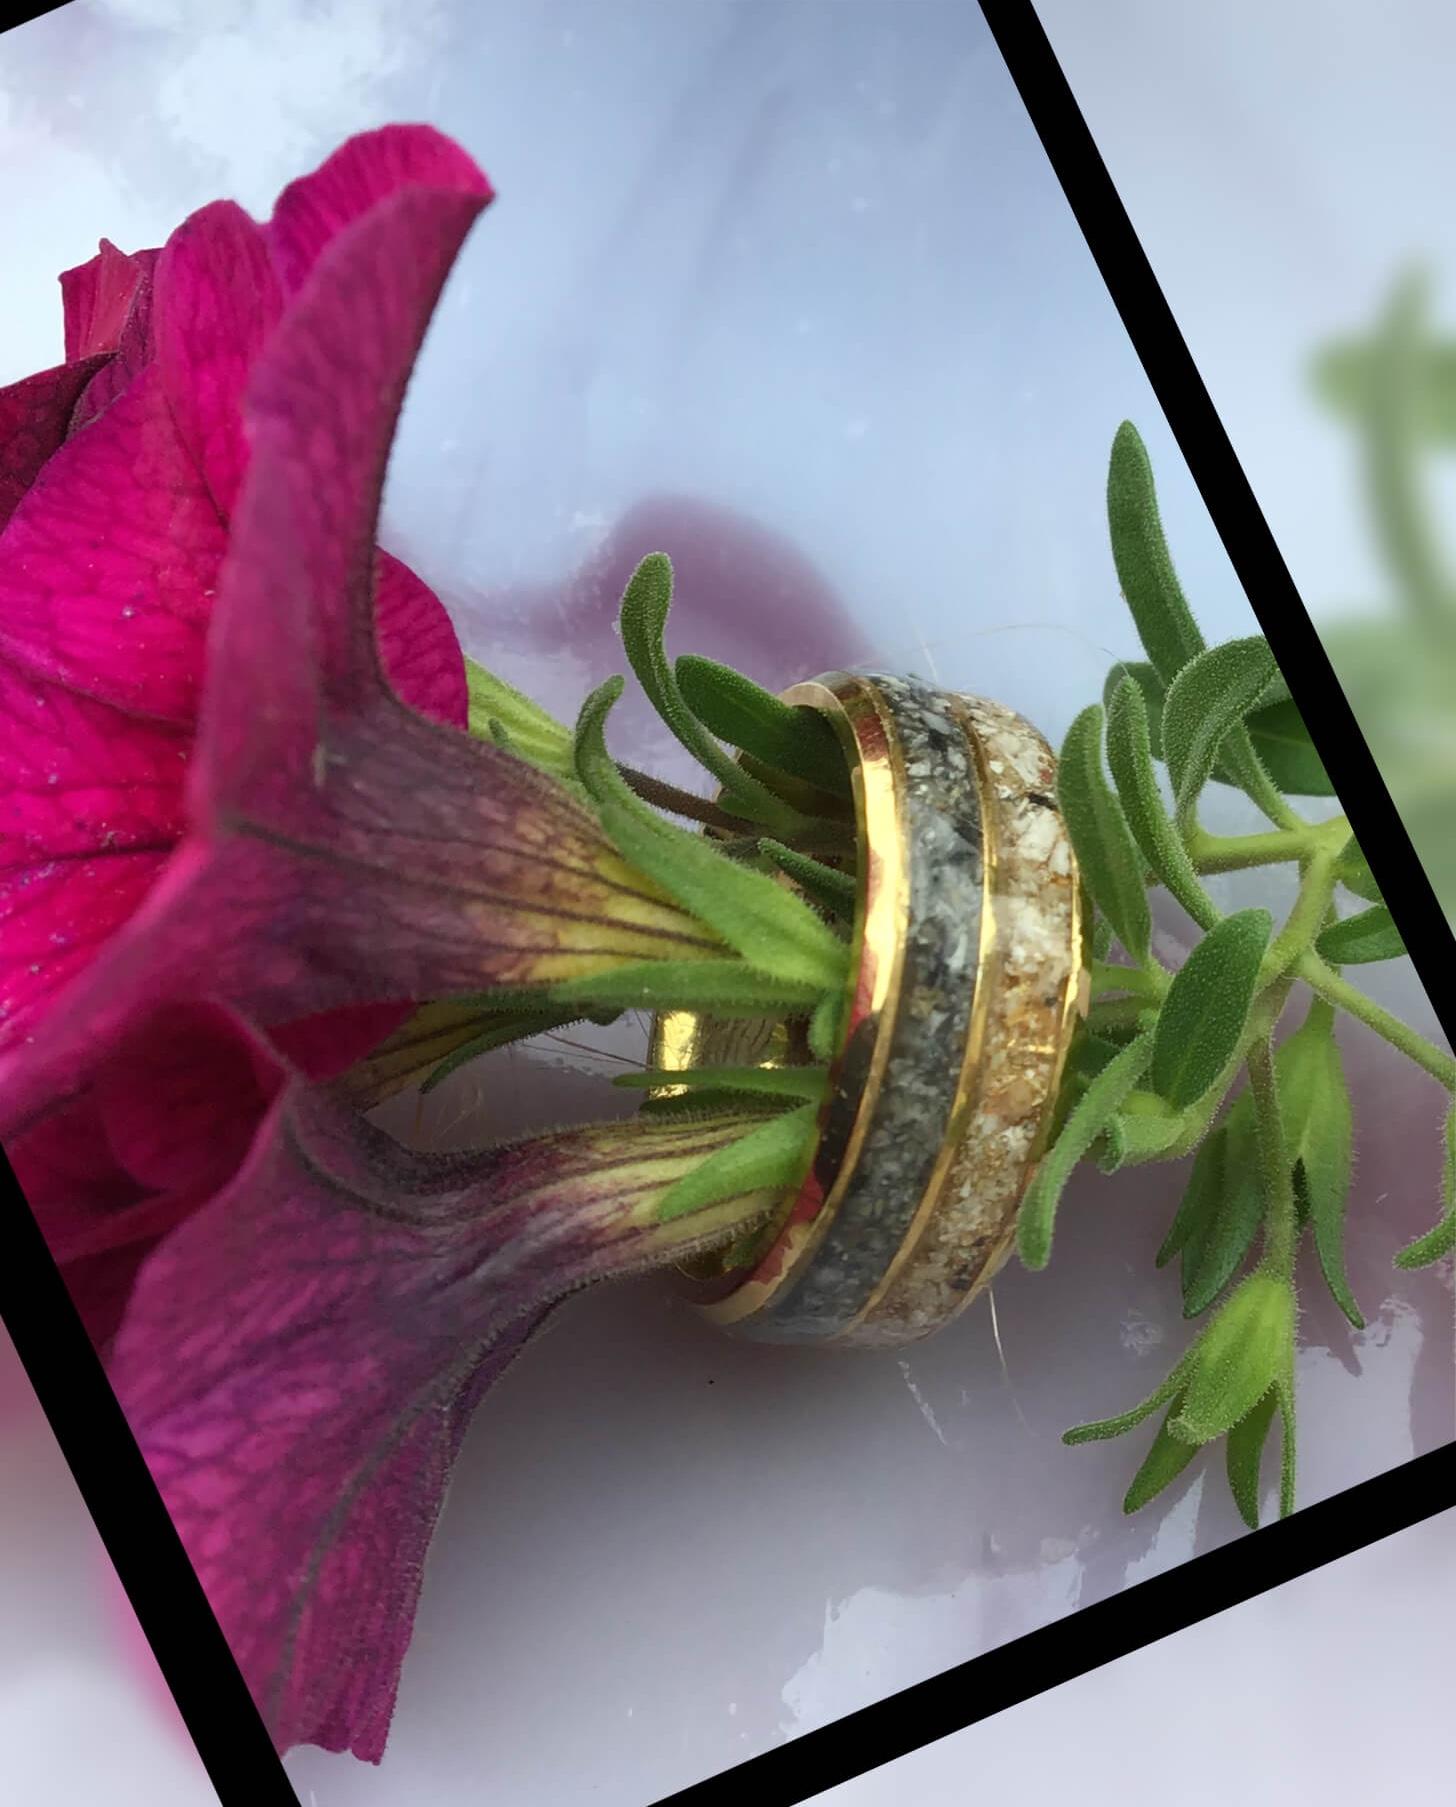 Edelstahl Ring doppelte Band Engel ca 4 cm in Edelstahl * 79,50 Alle angegebenen Preise sind Gesamtpreise (ggf. zzgl. Versandkosten).